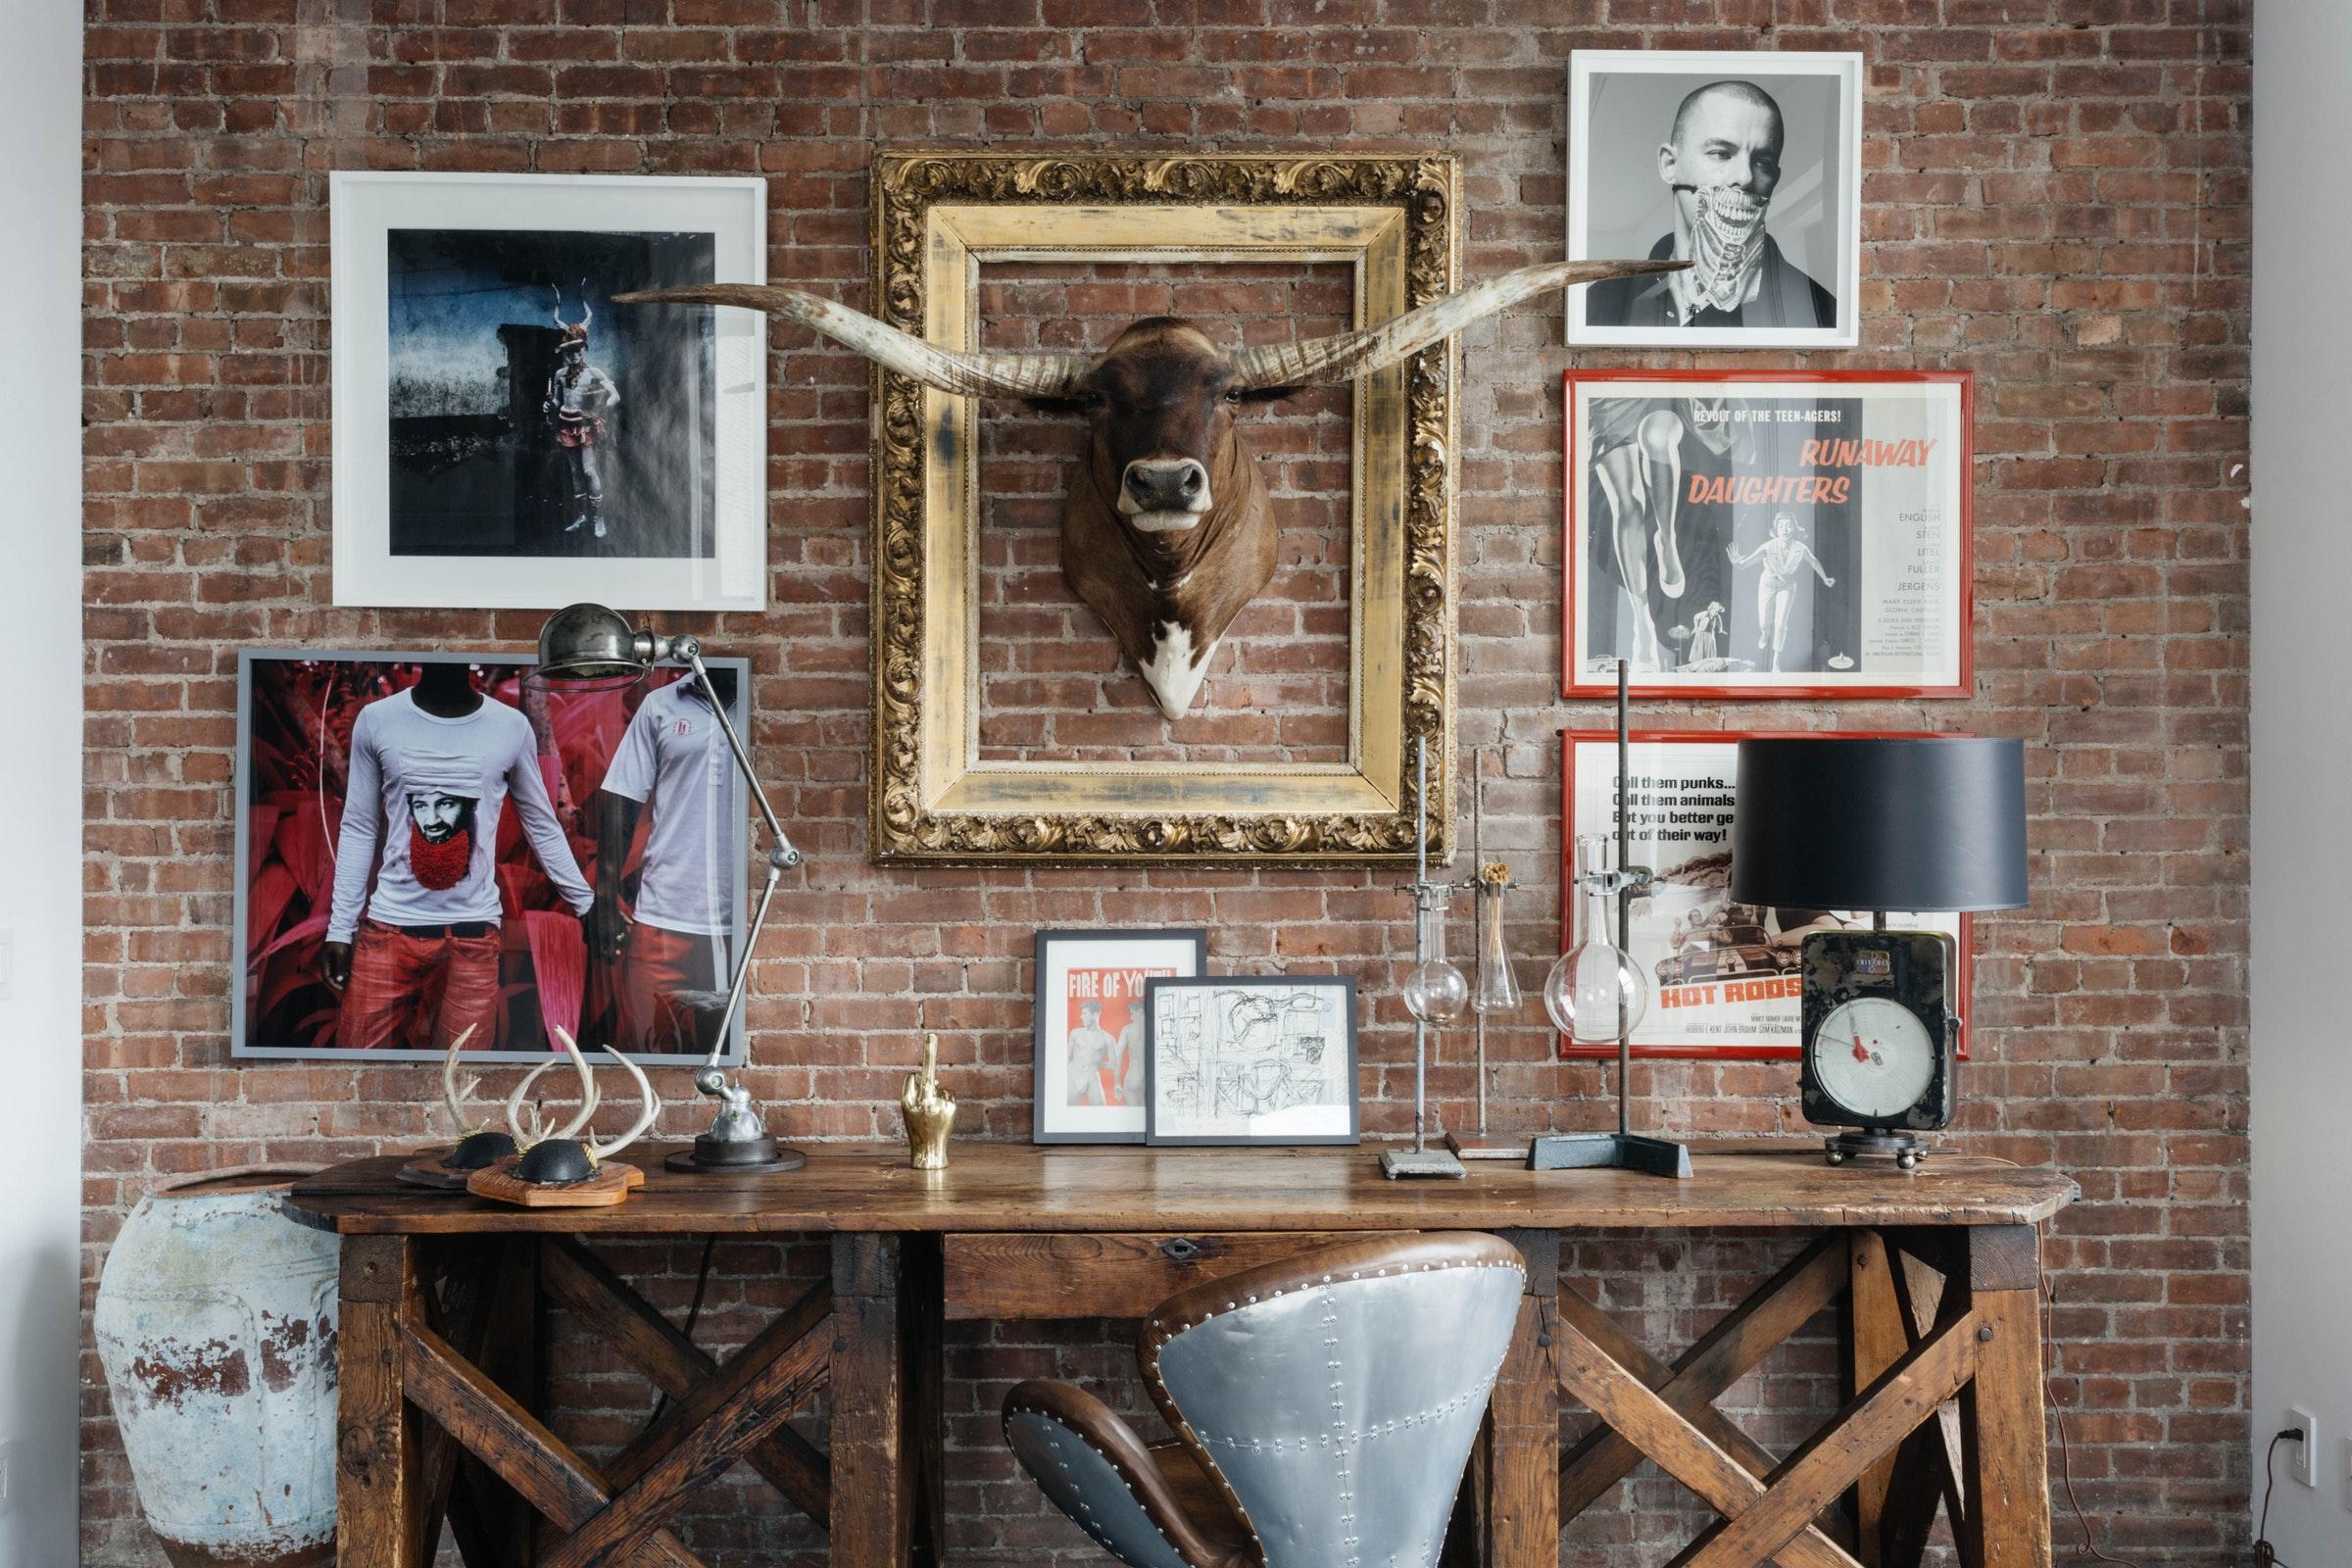 стена кирпич рога рамки картины консоль кресло